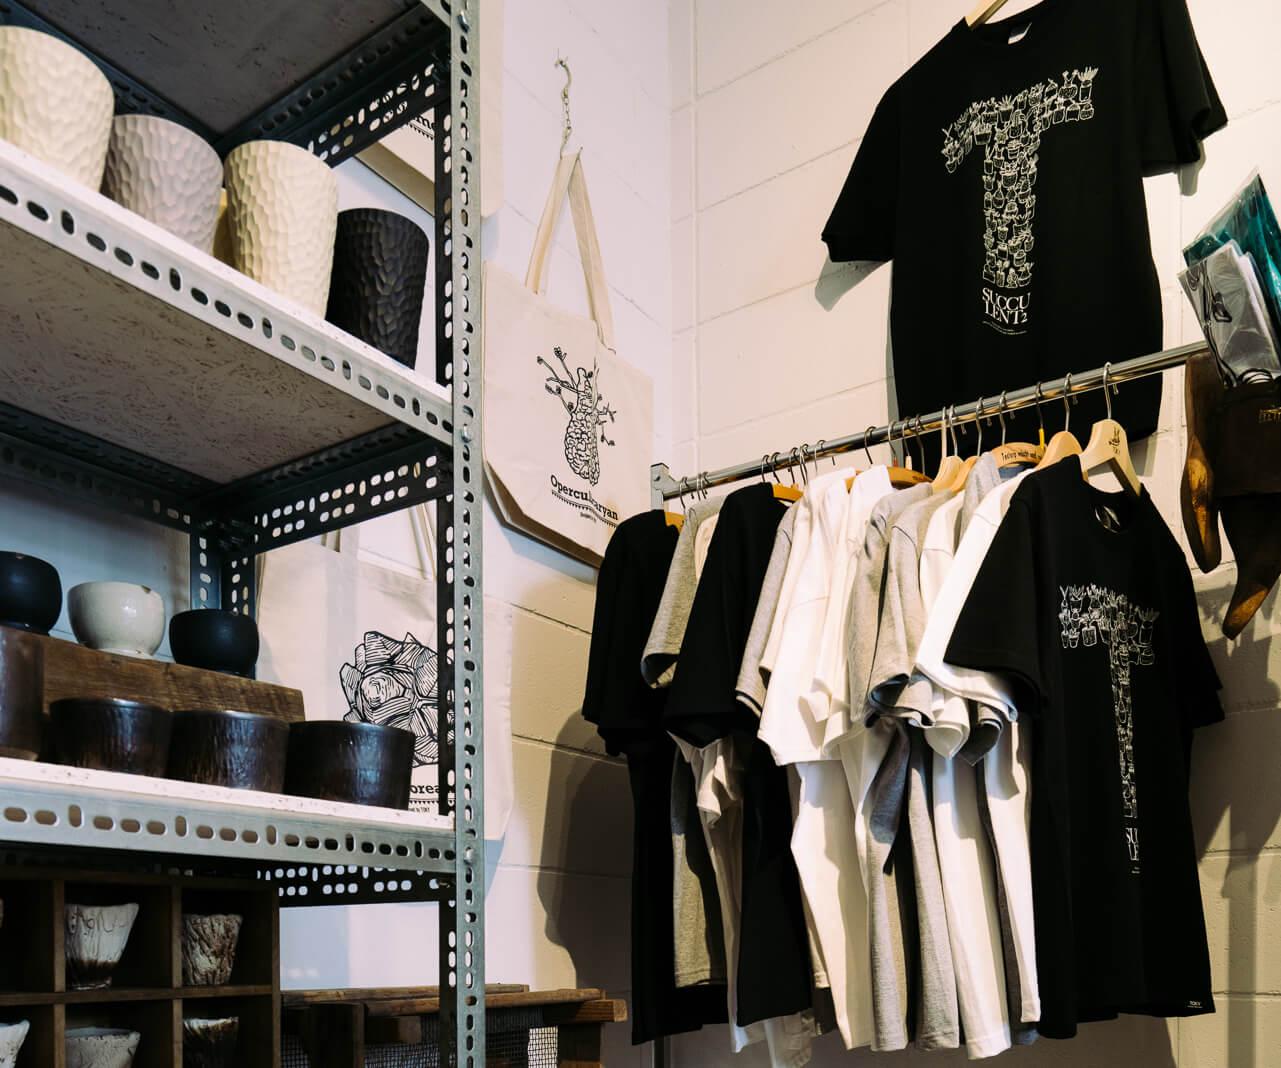 2周年記念のモチーフがあしらわれたTシャツや、植物モチーフのバッグも。(Tシャツ3,800円、バッグ3,200円)